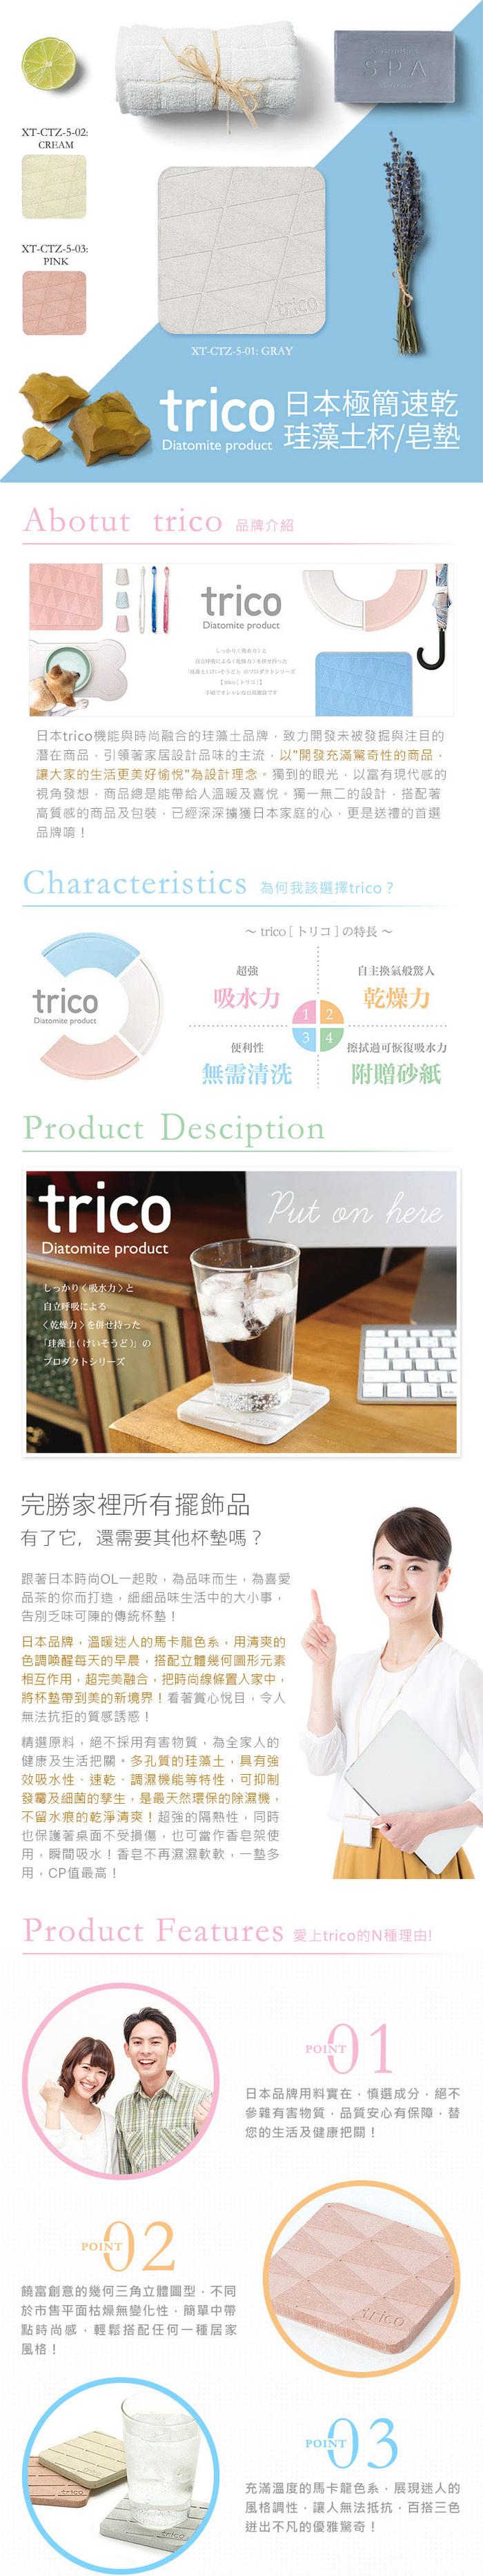 (複製)trico|雲朵雨滴瞬吸珪藻土地墊